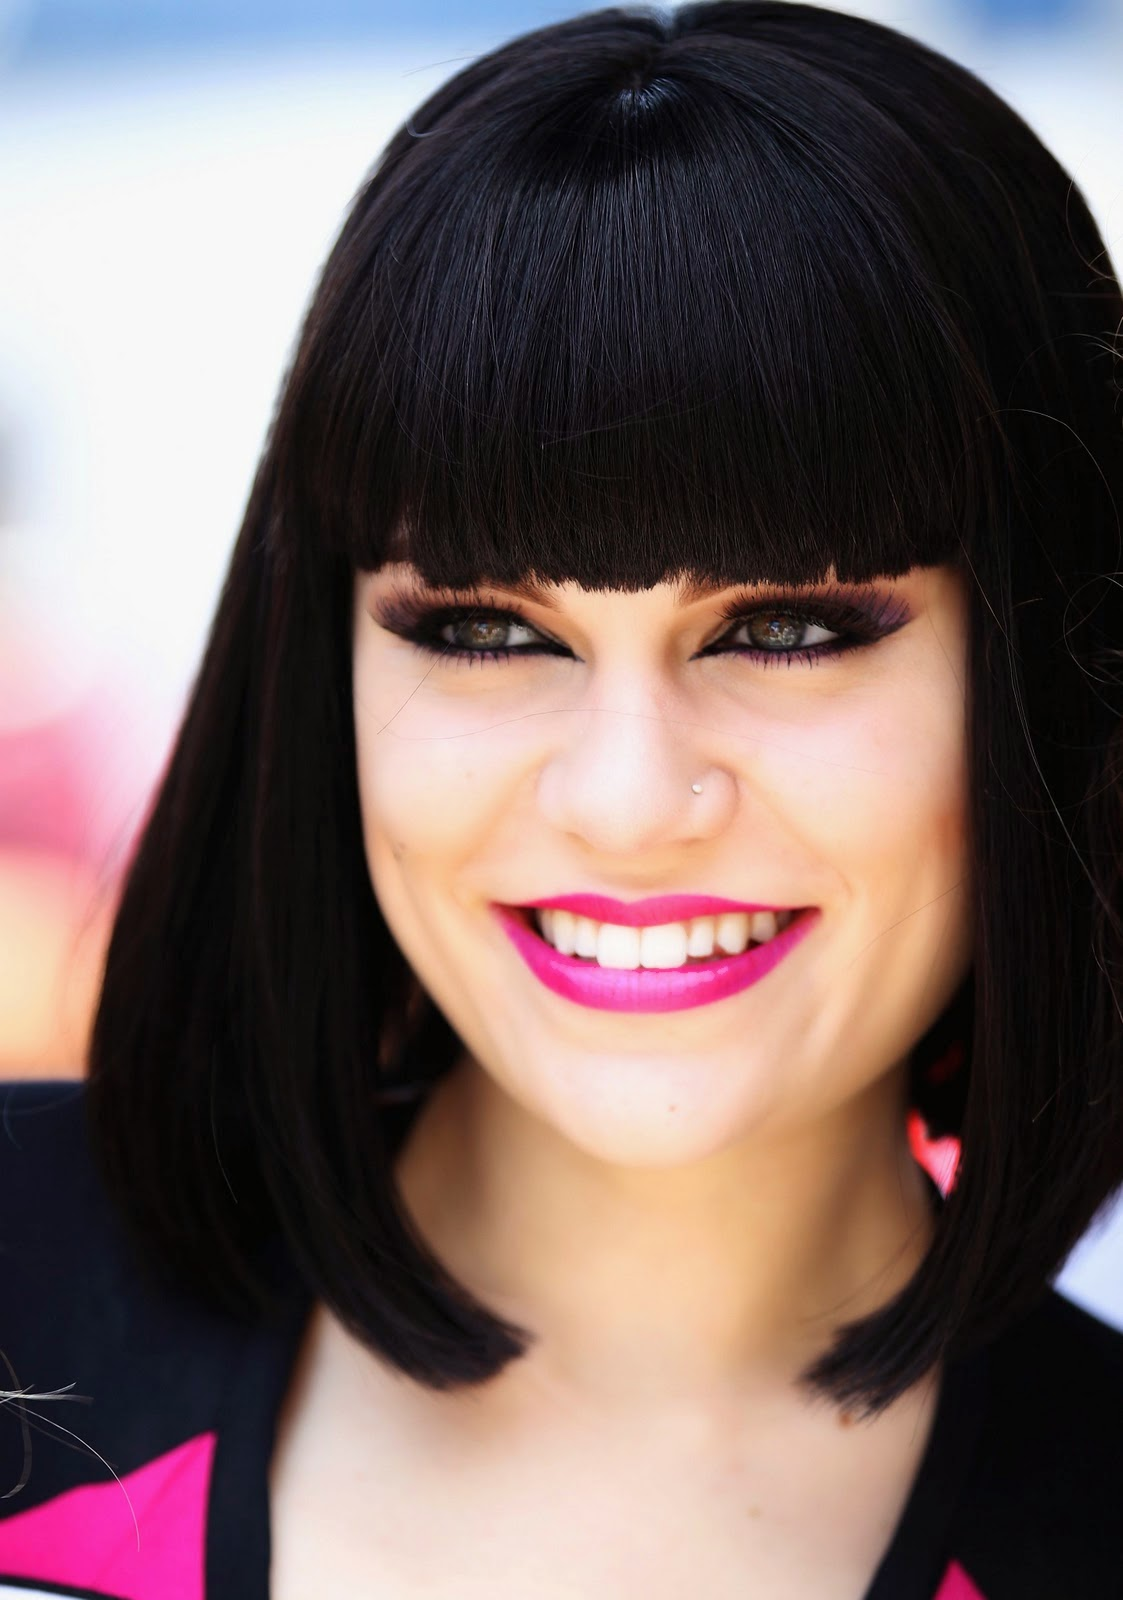 Lirik (.lrc) Lagu Jessie J Komplit